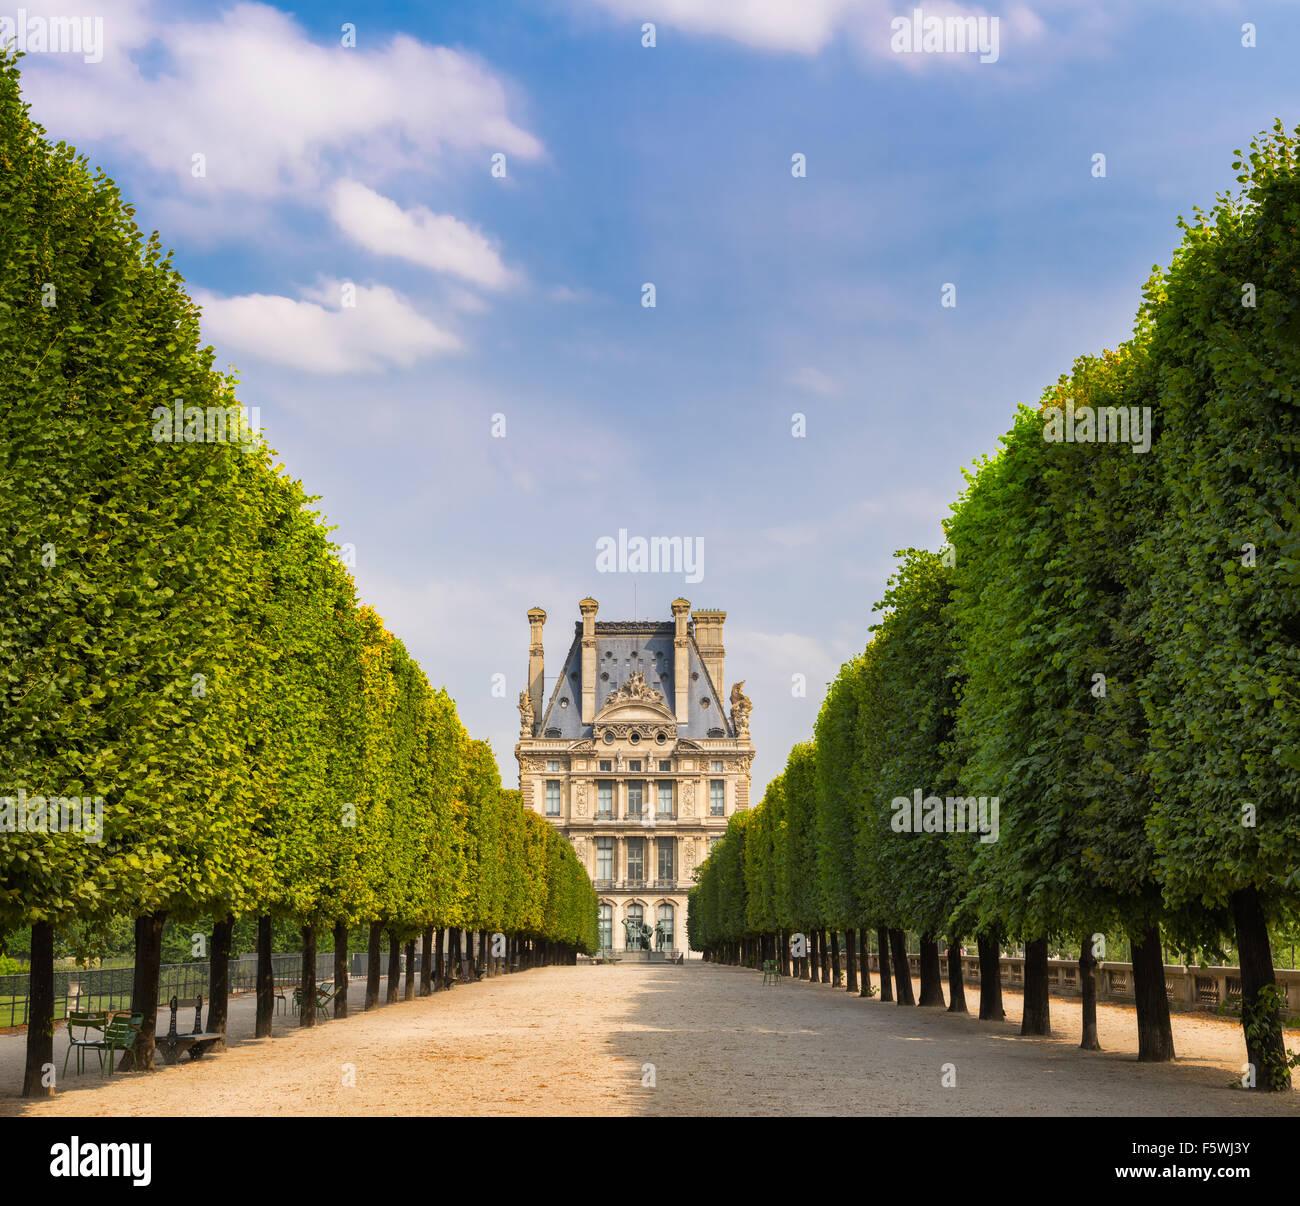 Tuilleries Garten Bäumen gesäumten Vista führt zu Louvre Museum. Sommer-Blick von der Terrasse du Stockbild